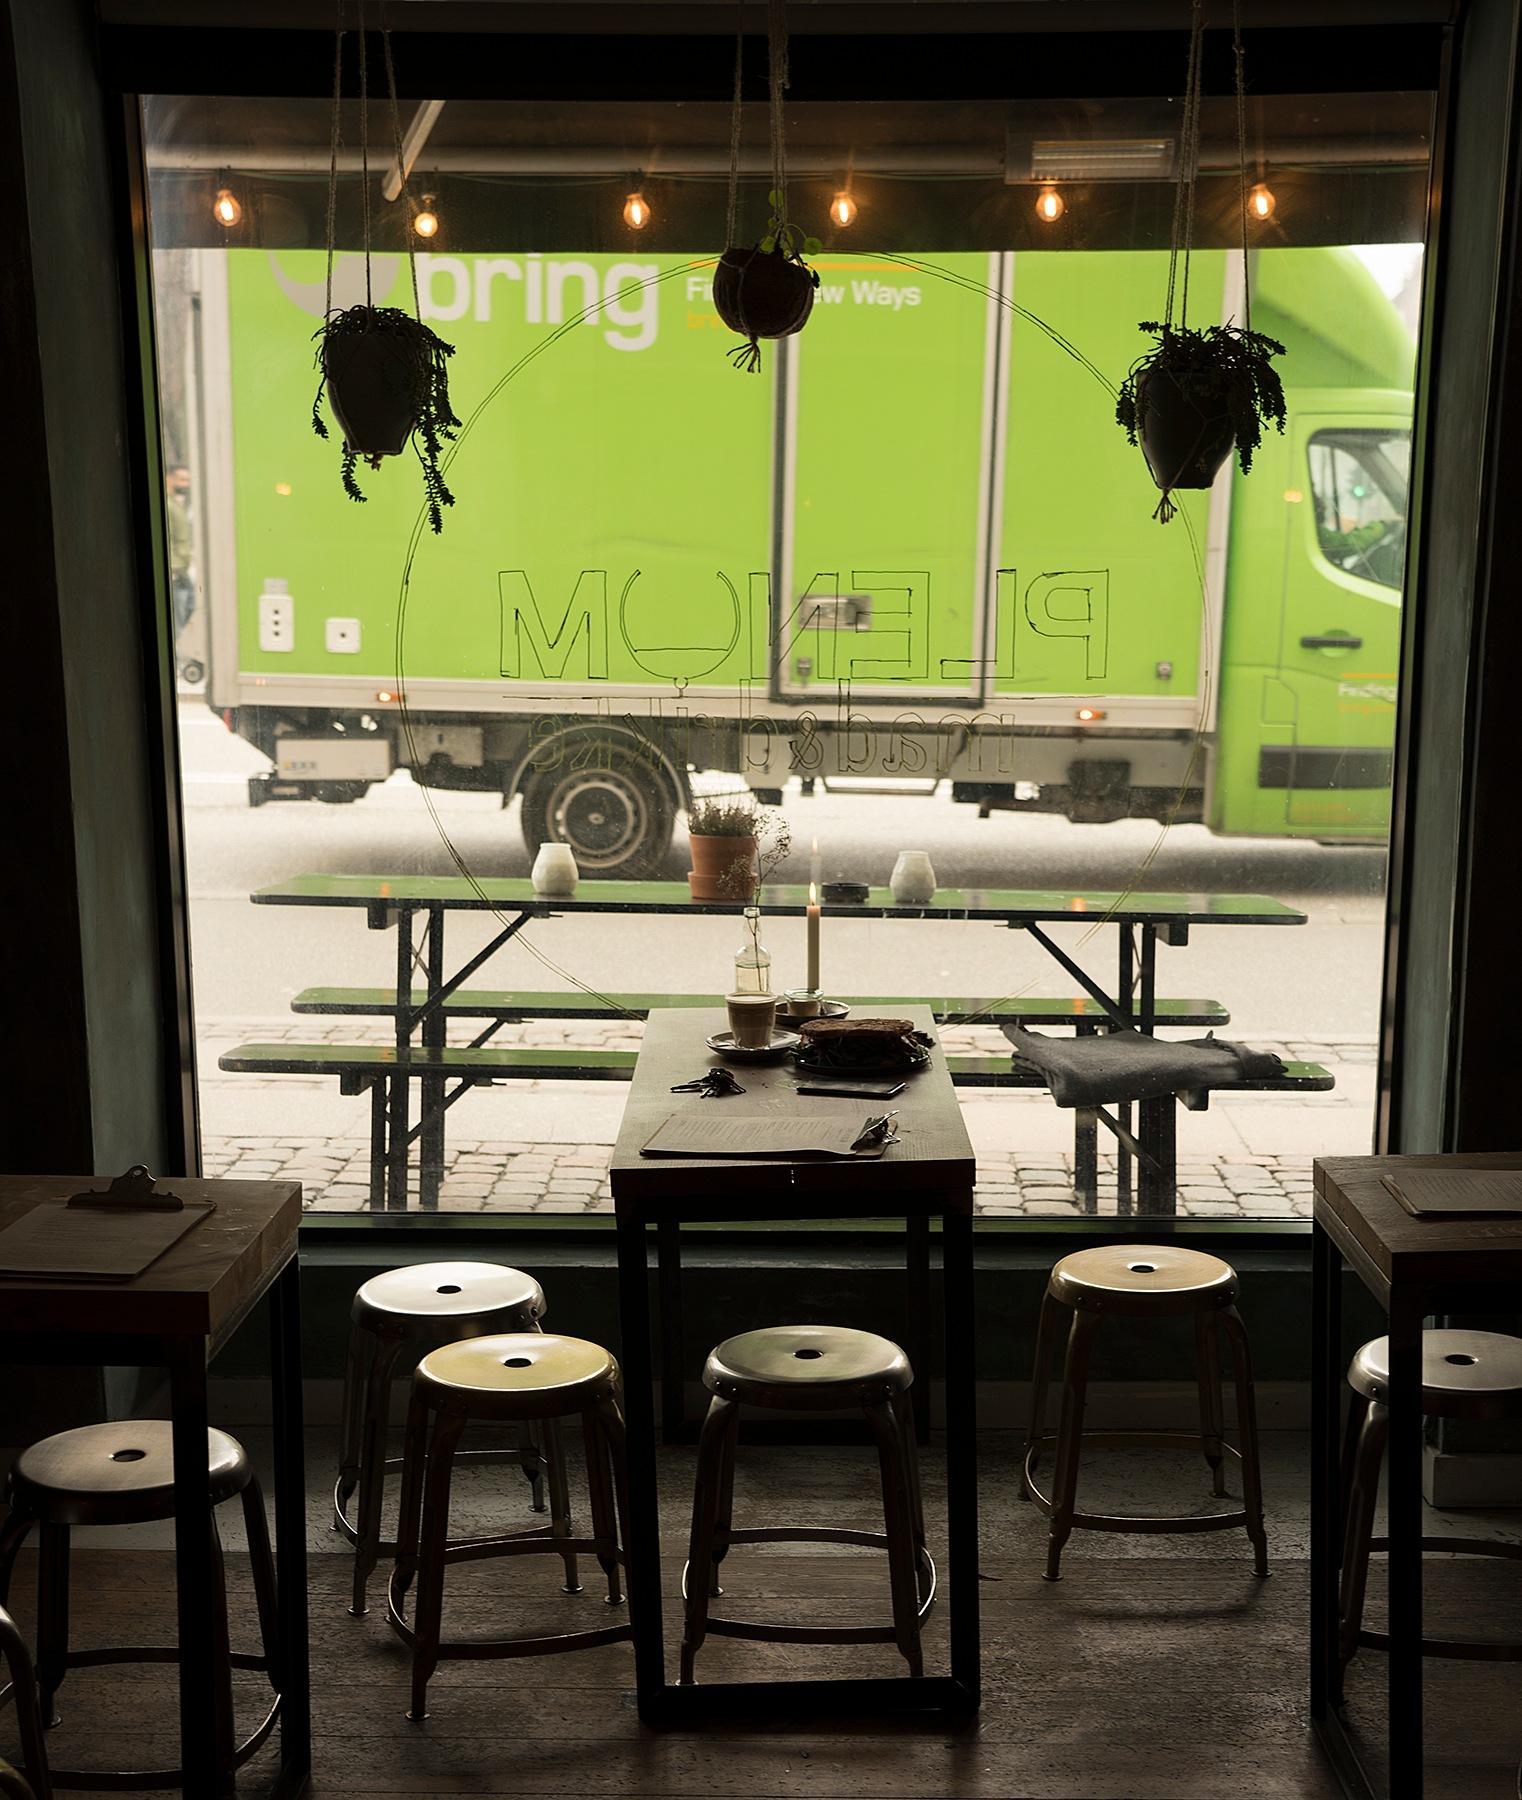 café Plenum by per f andersen